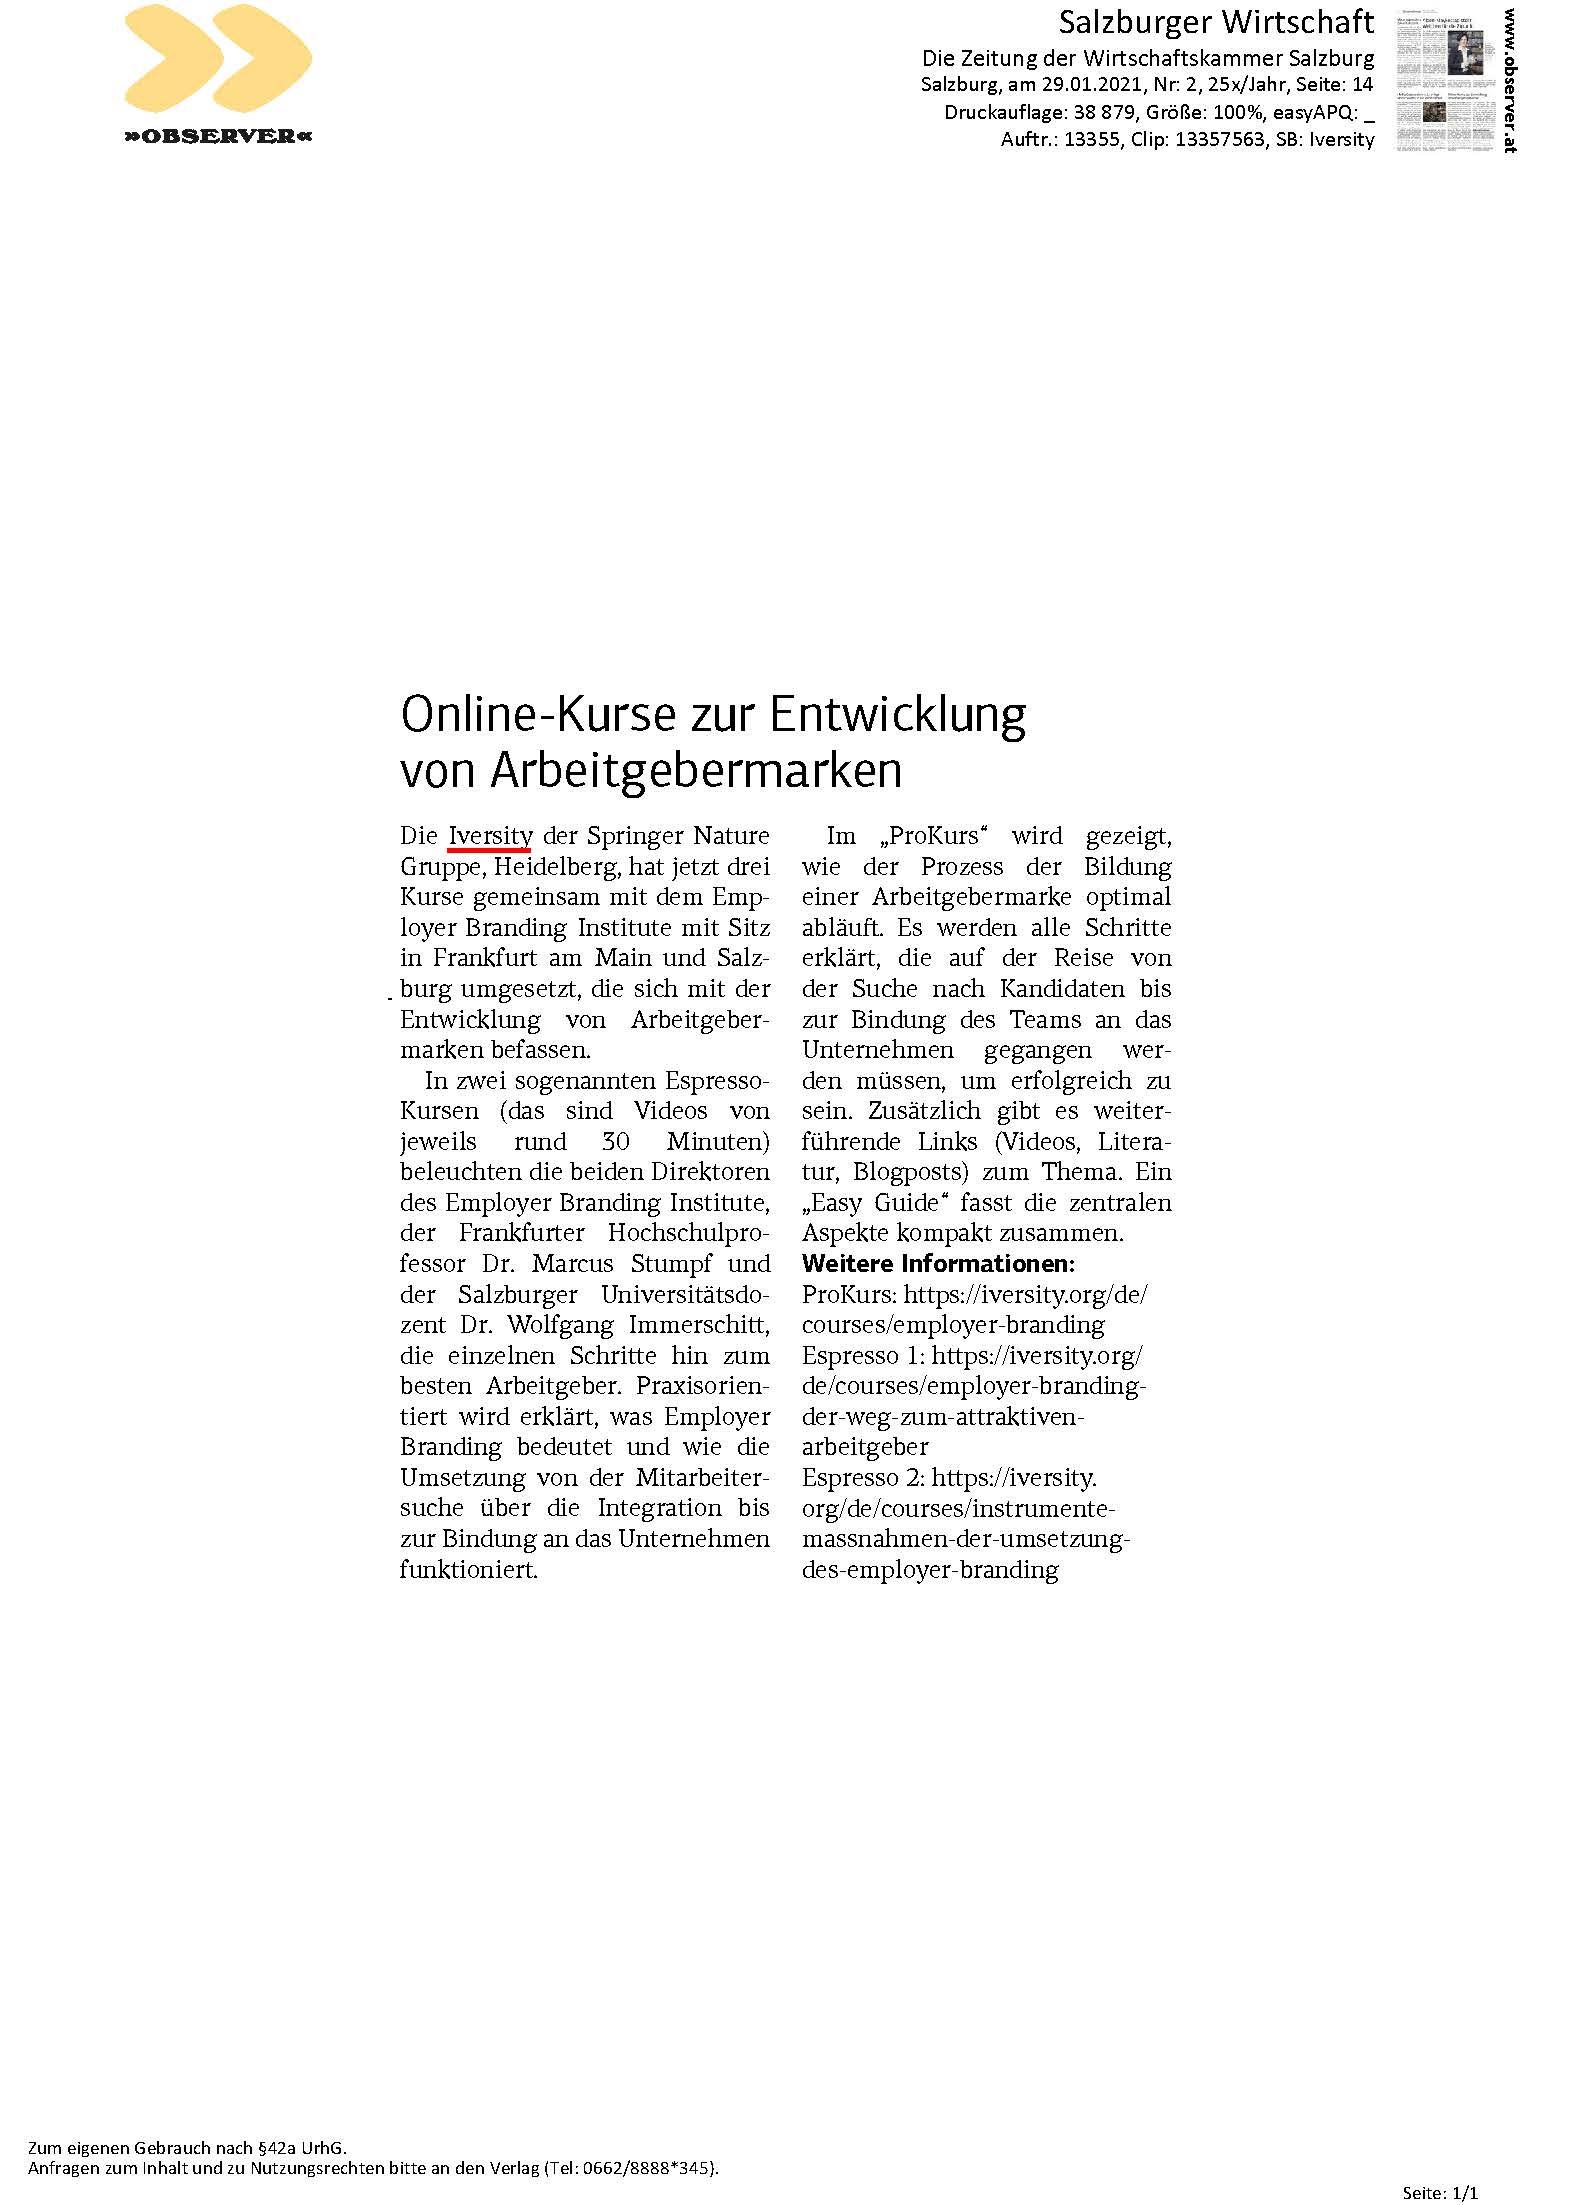 Online-Kurse zur Entwicklung von Arbeitgebermarken